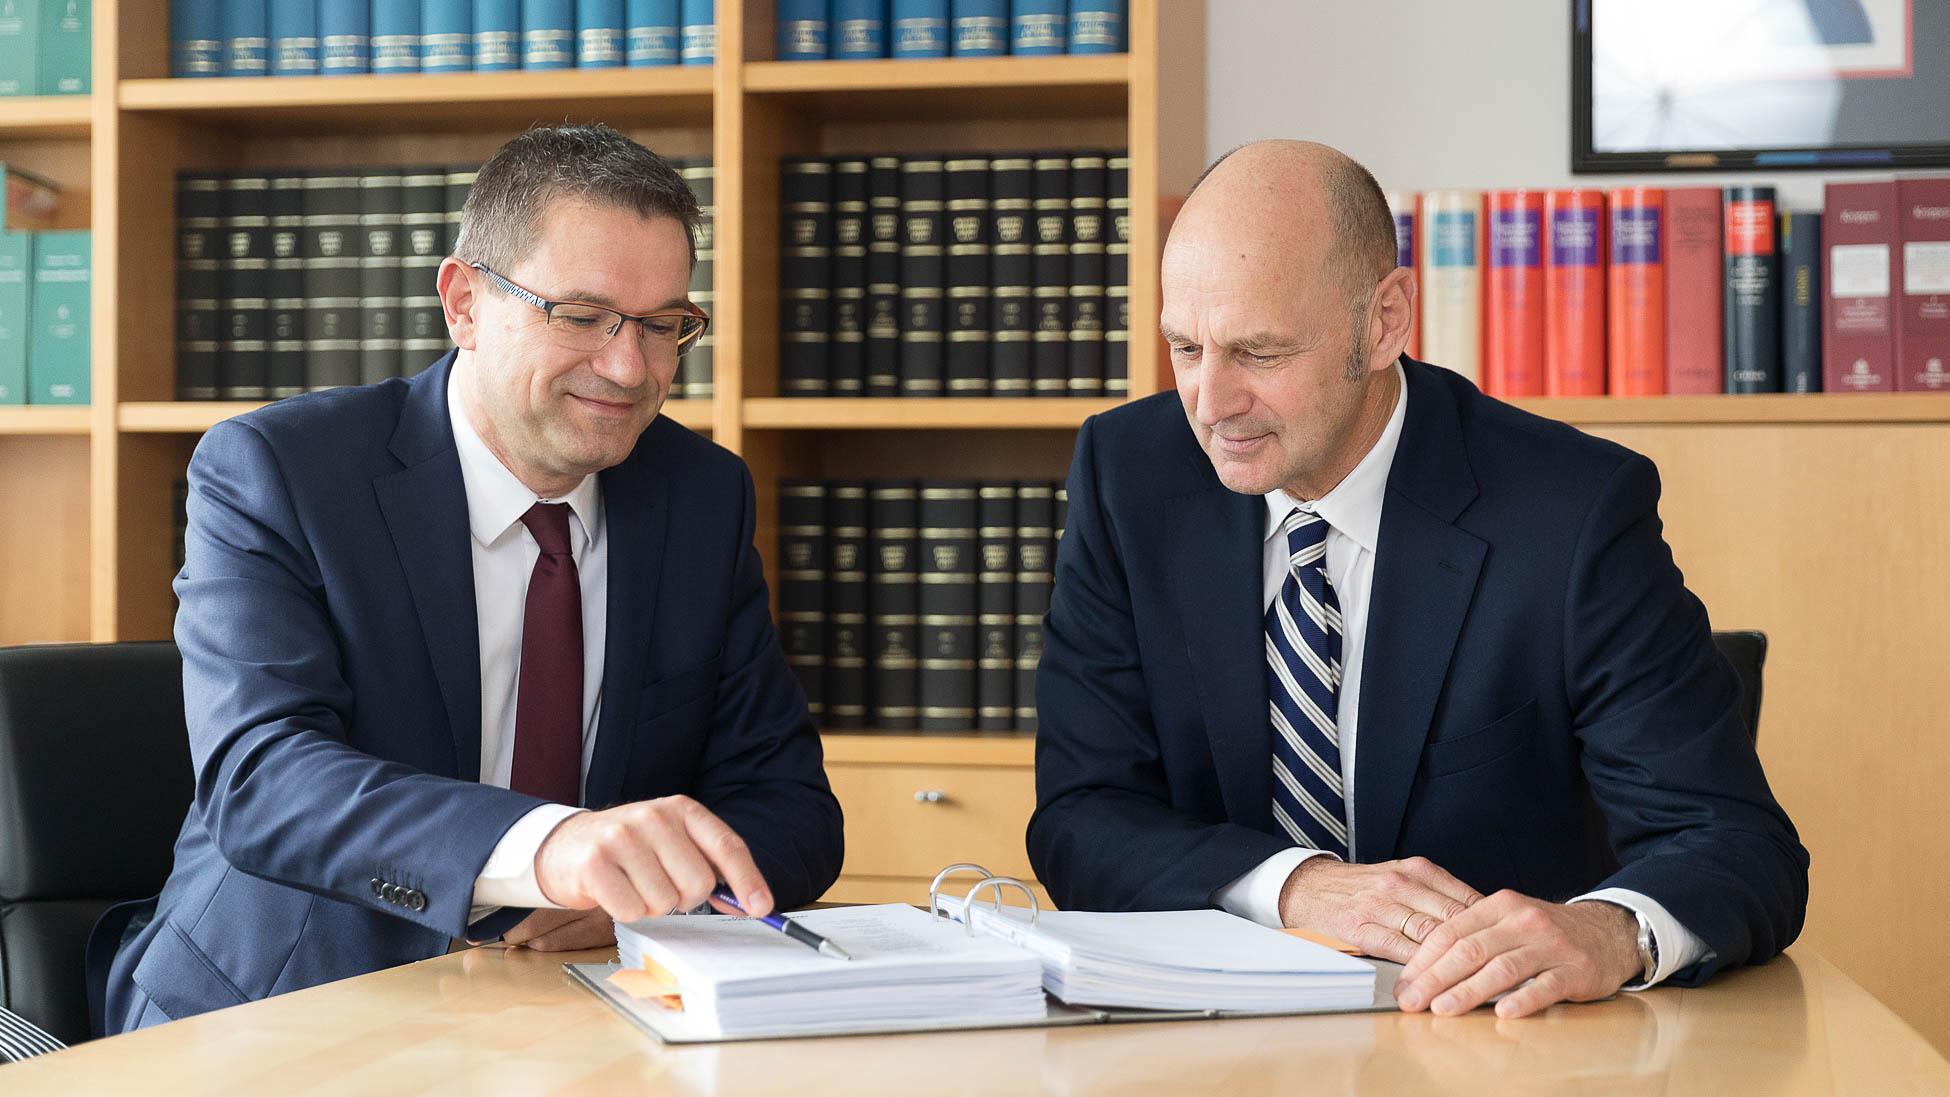 Besprechung Klaus Zieglmeier und Franz Stark Kanzlei Zieglmeier und Stark Wirtschaftsprüfer Steuerberater in Ingolstadt